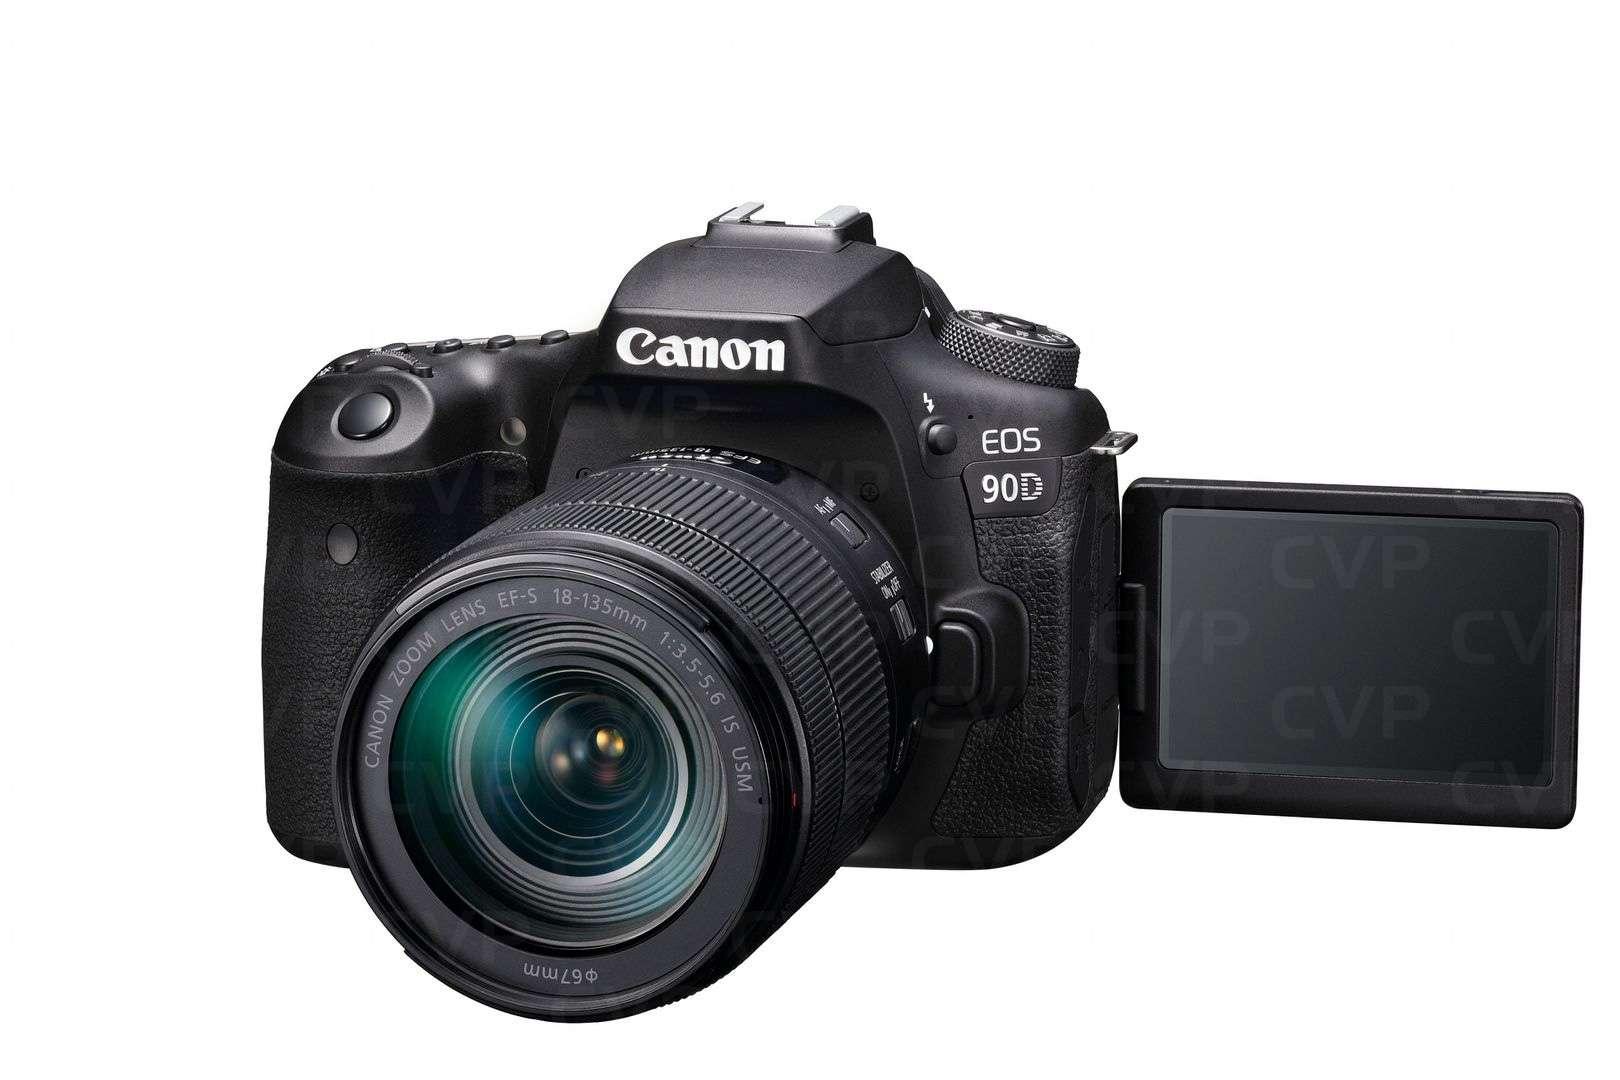 Buy Canon Eos 90d 32 5 Megapixel Aps C Digital Slr Camera With Ef S 18 135mm F 3 5 5 6 Is Stm Black P N 3616c028